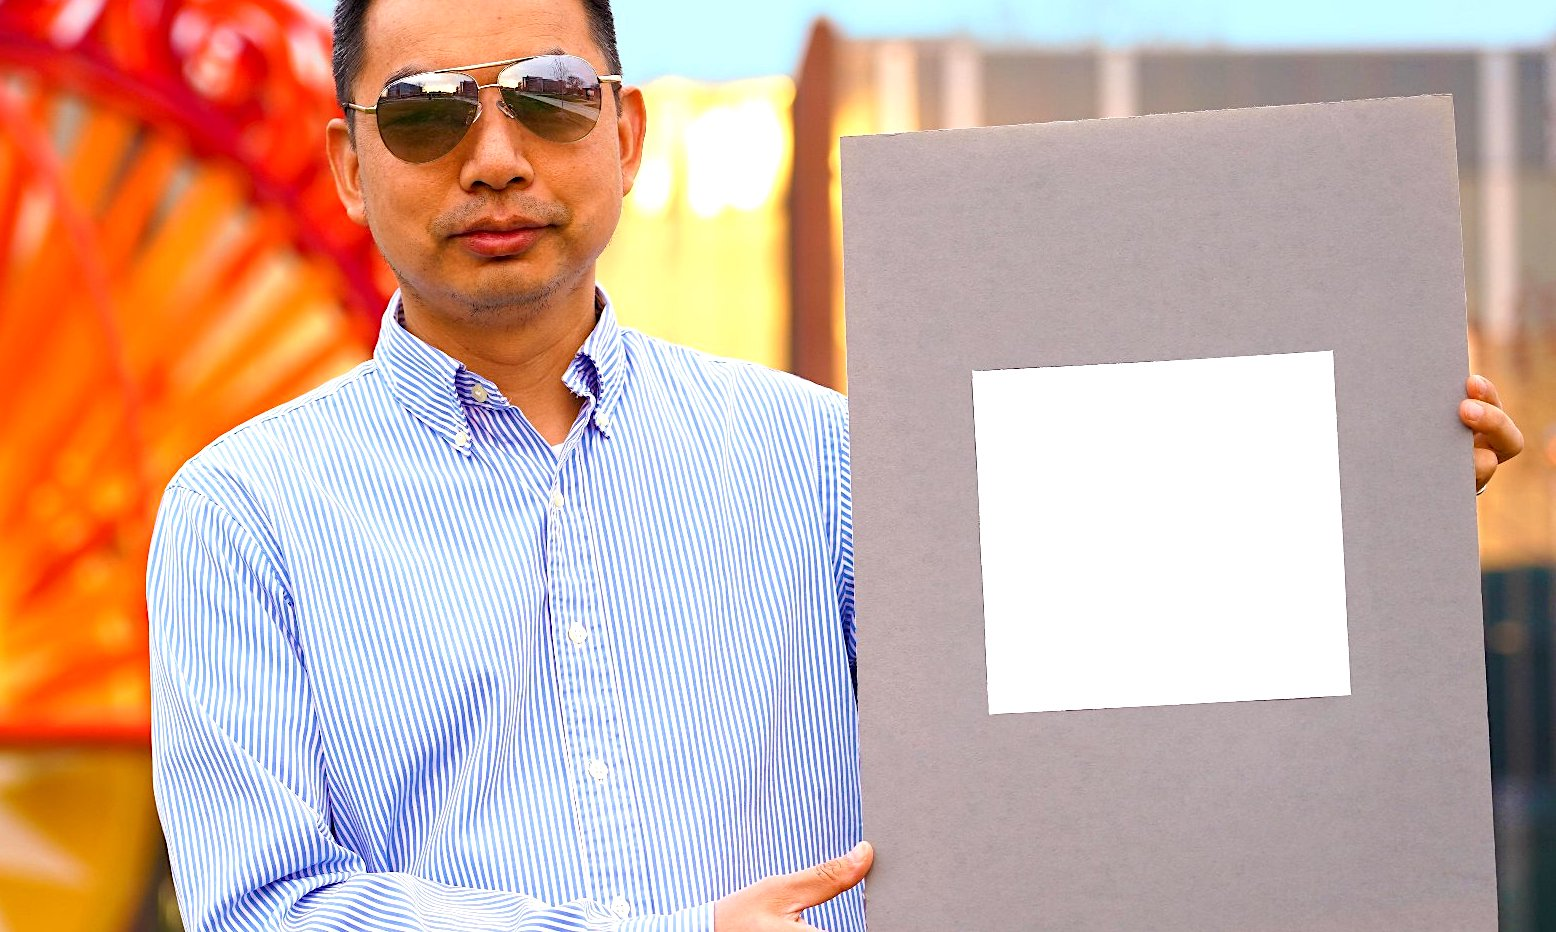 Voici la peinture la plus blanche jamais conçue, et elle pourrait changer le monde